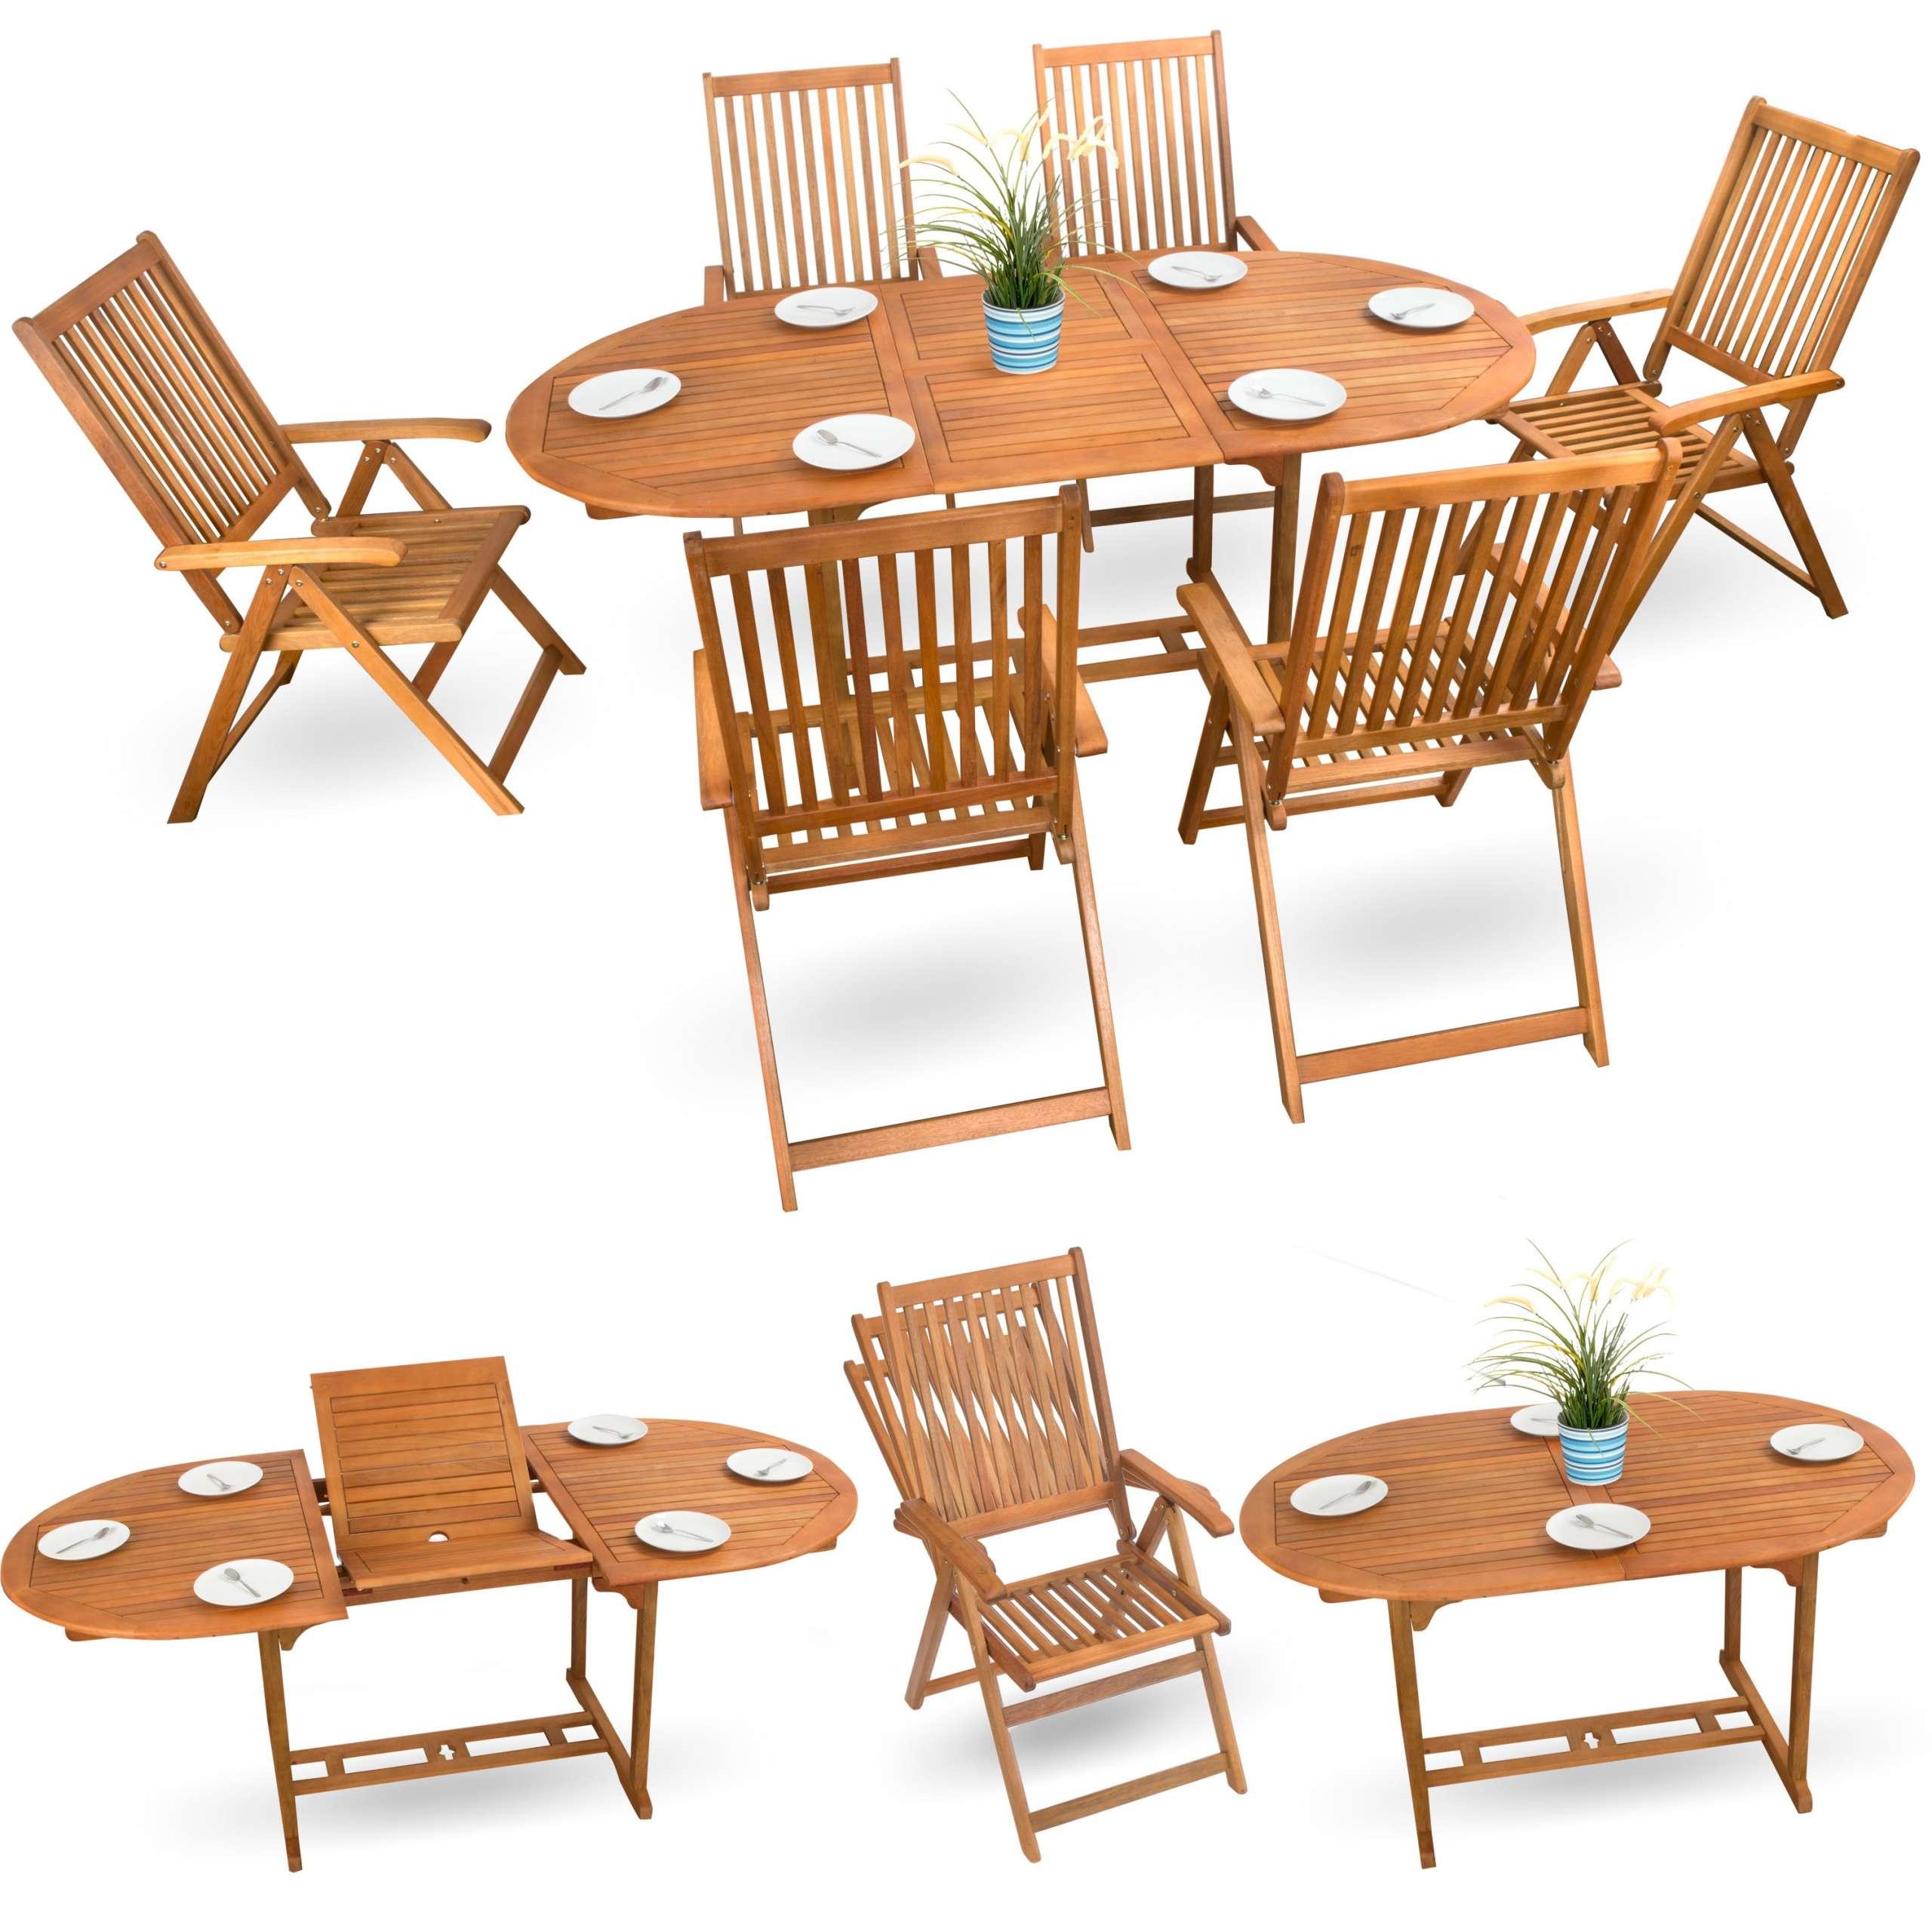 Gartenmöbel Akazie Angebote ▻ günstig ◅ Holz Sitzgruppen kaufen